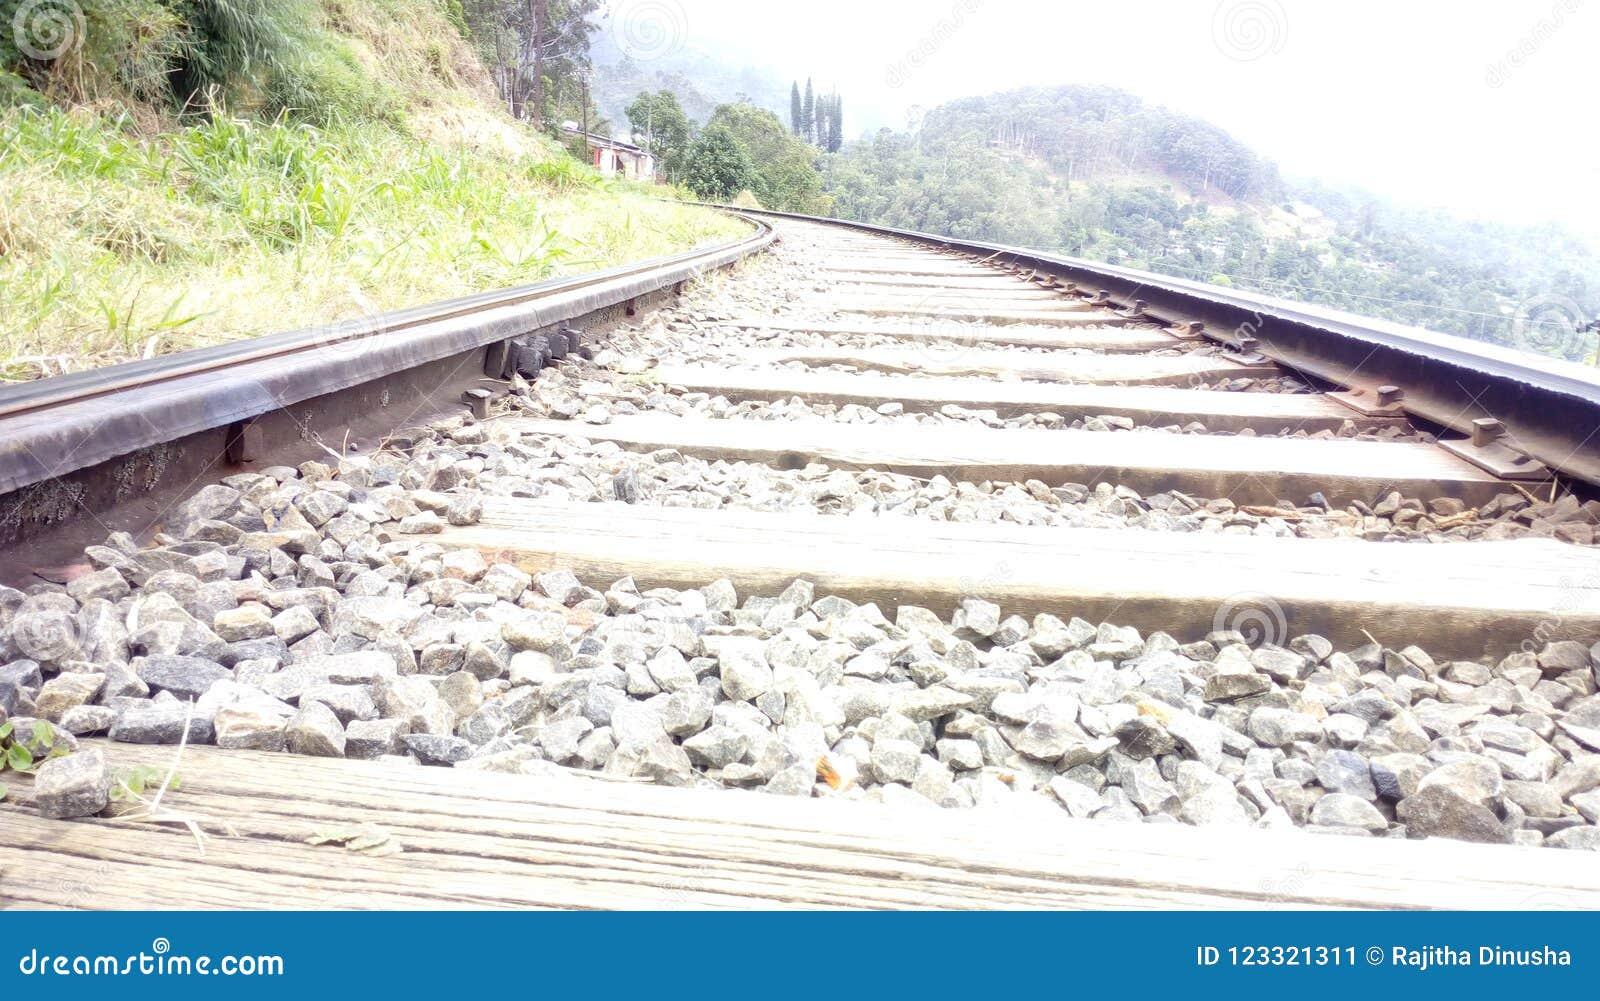 Beautifully Railroad